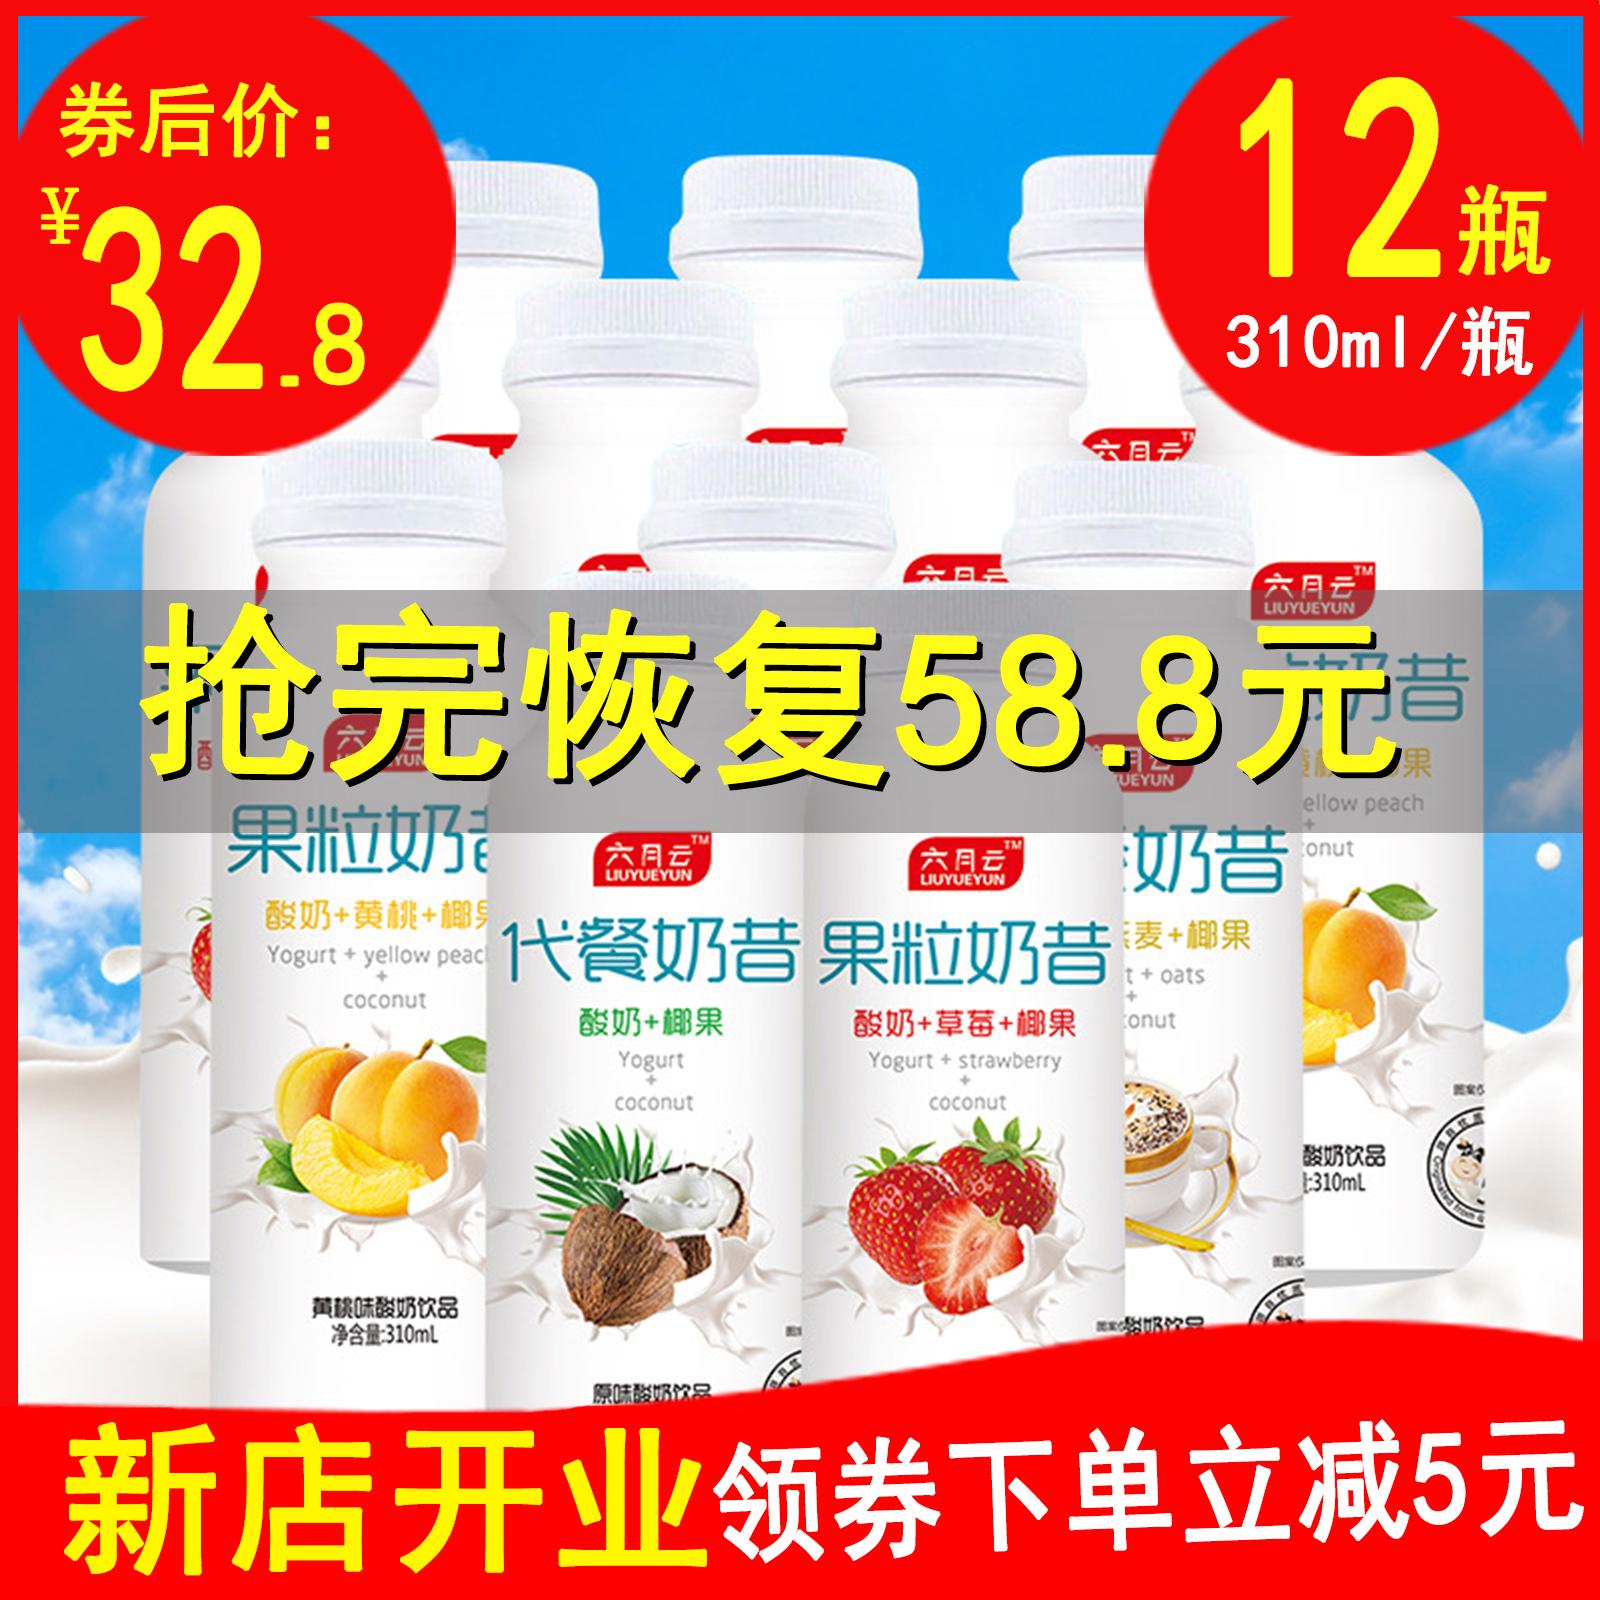 优果粒酸奶饮品减奶昔酸乳整箱脂 脱脂 0脂肪 零脂肪 酸奶饮品